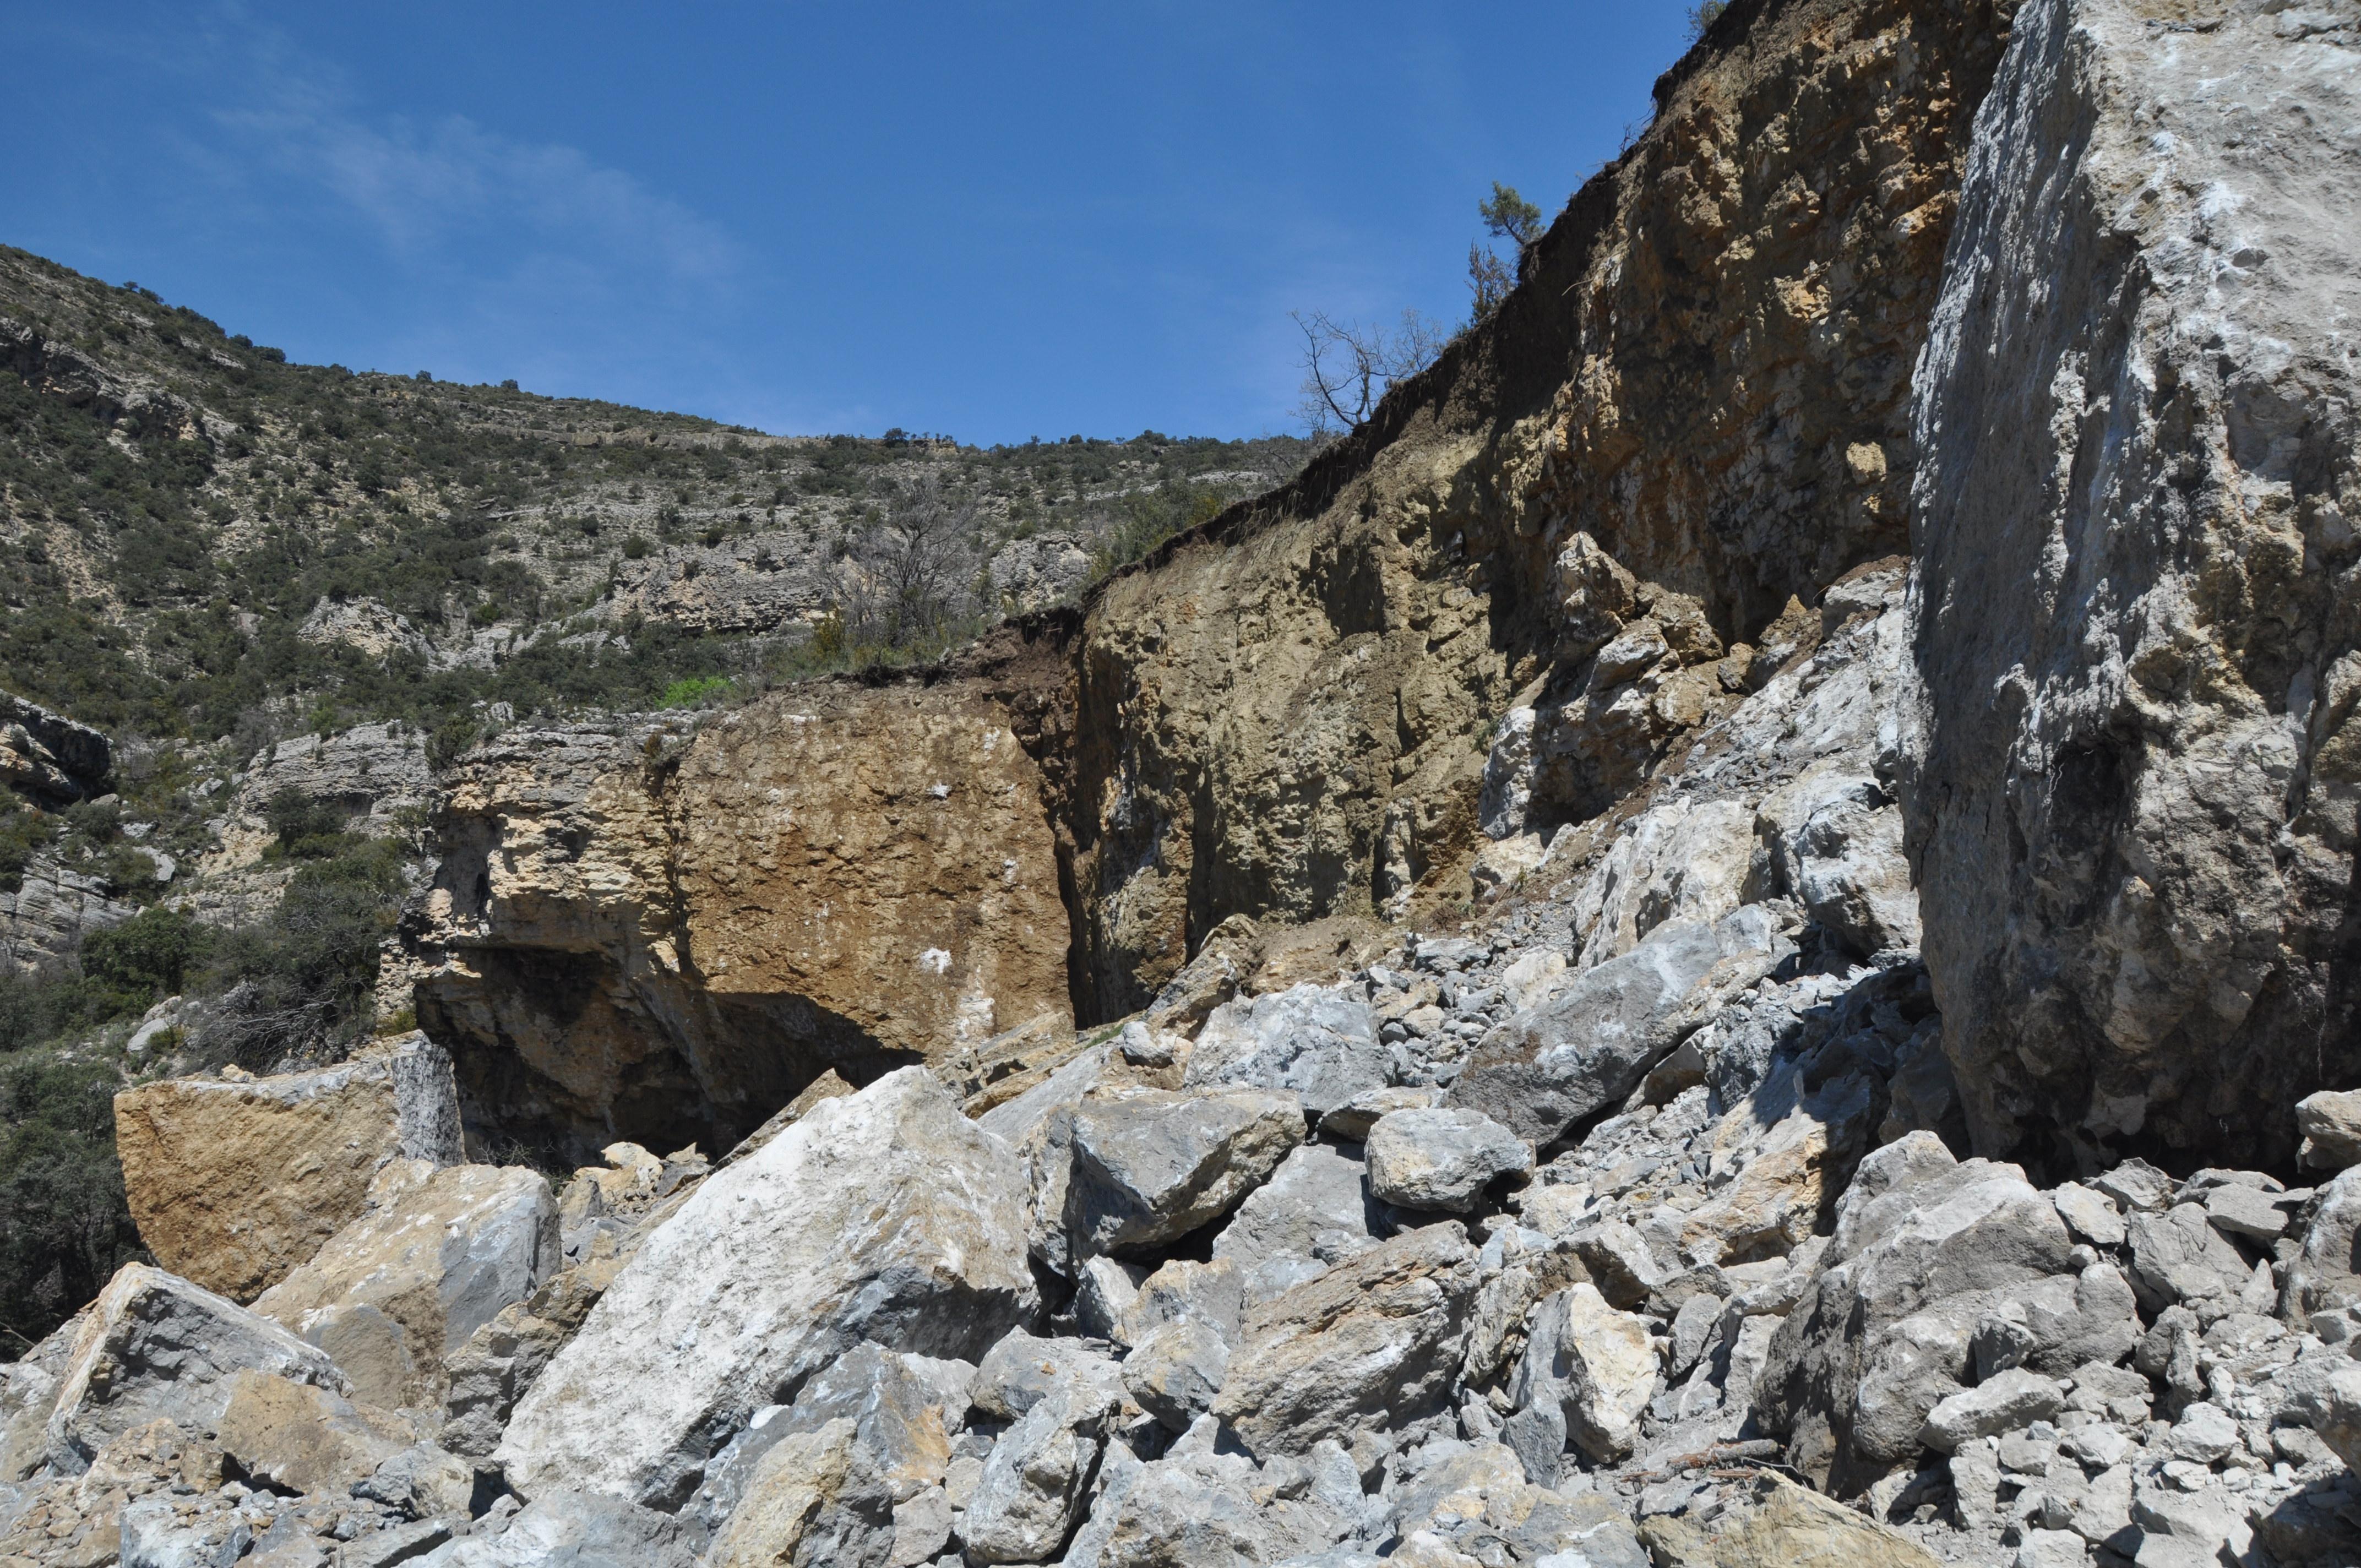 Castell de Mur landslide